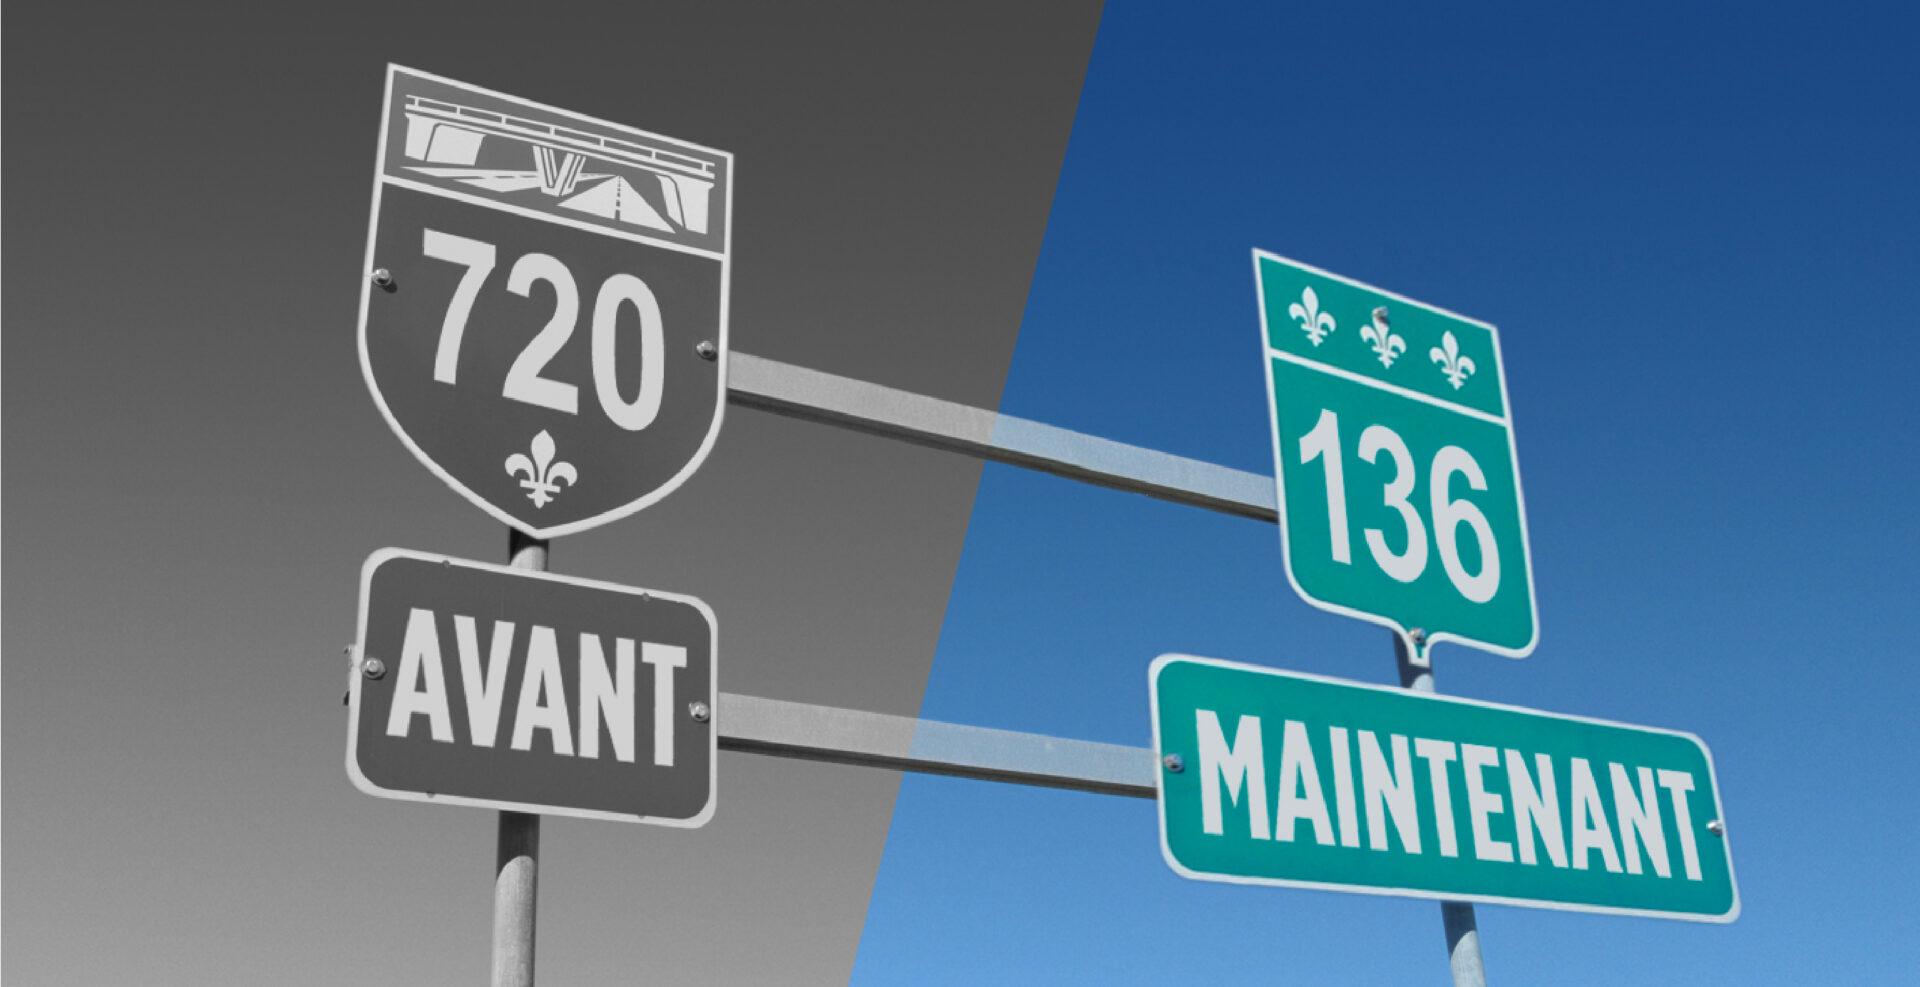 L'autoroute 720 devient la route 136 1